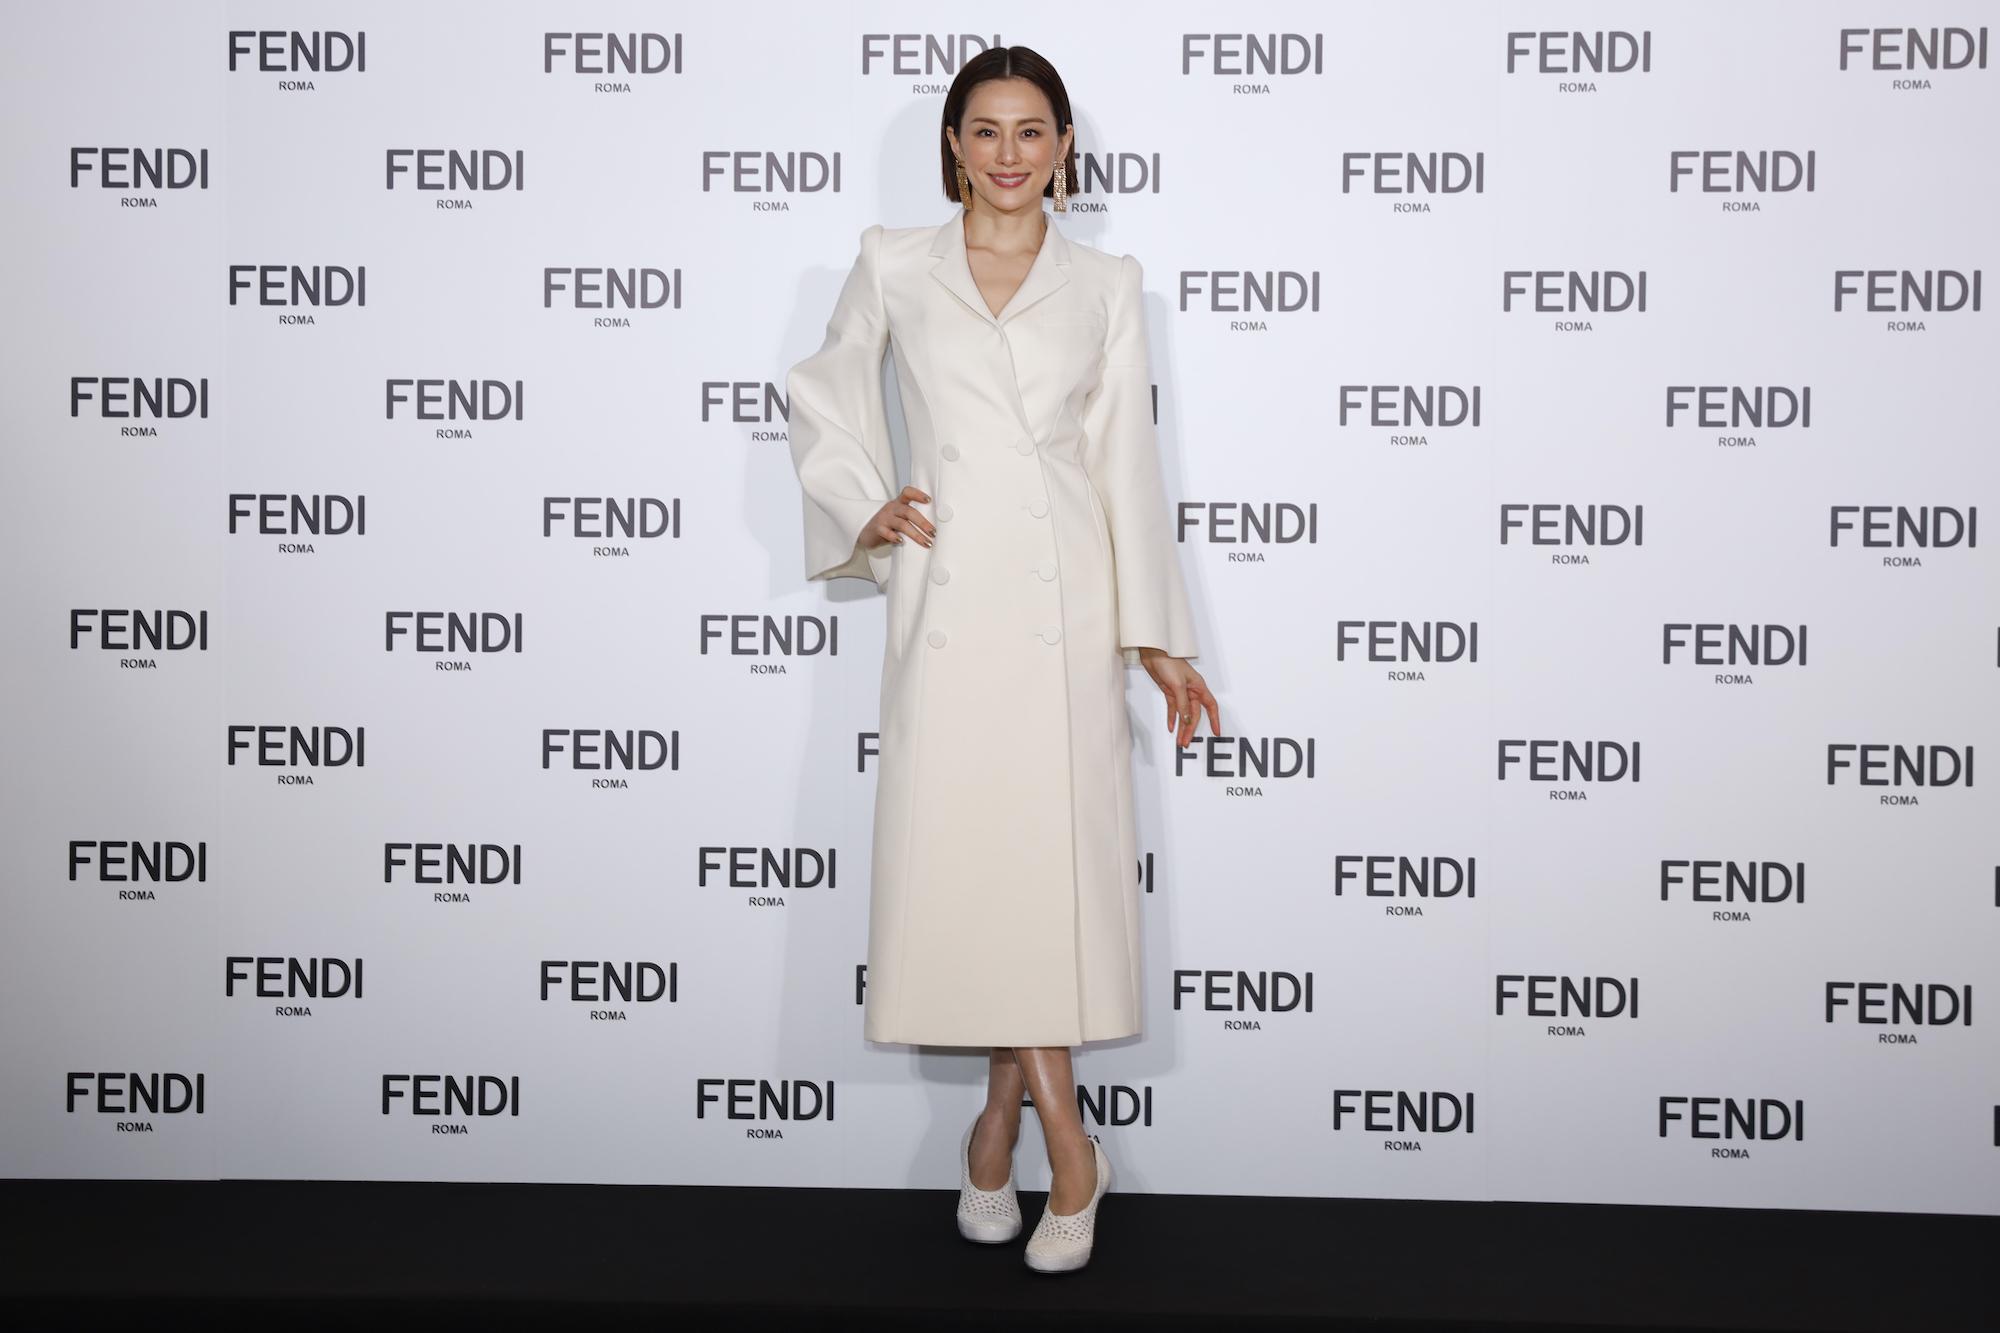 米倉涼子/「FENDI ジャパンブランドアンバサダー就任記者会見」2021年1月19日